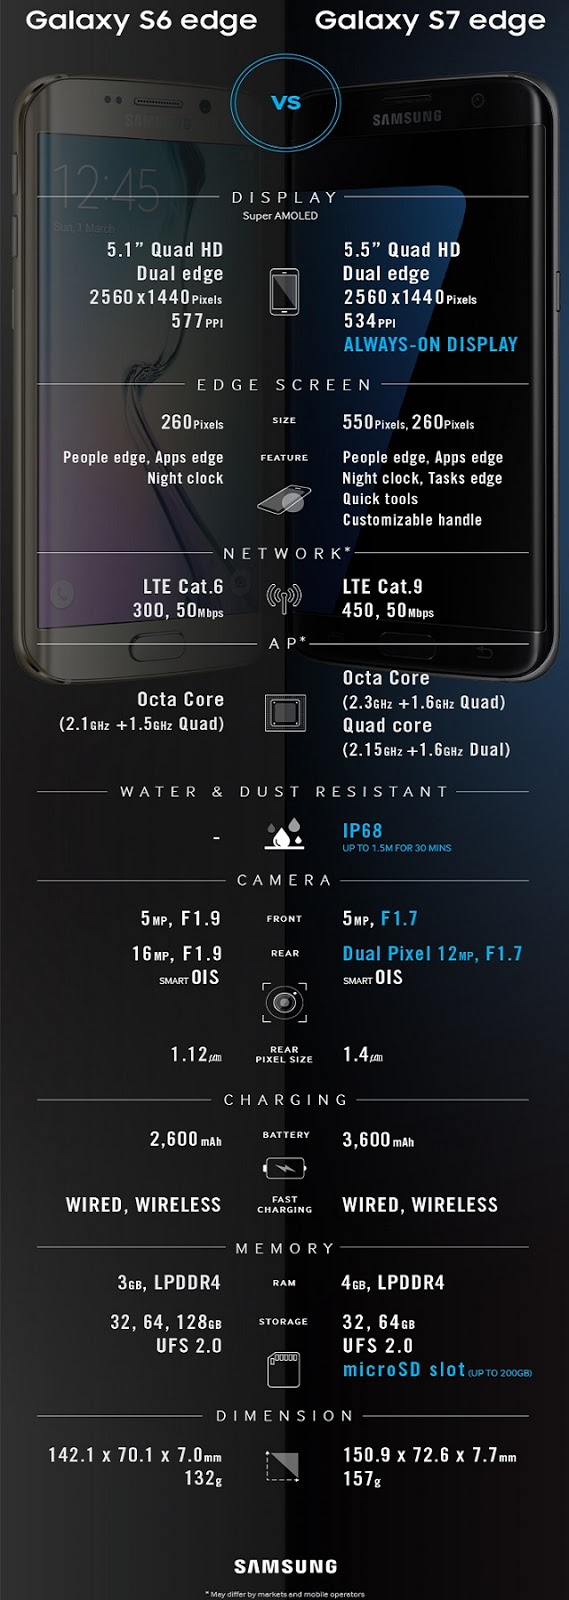 Galaxy-s6-edge-s7-edge-Comparison_edited-techfoogle.com